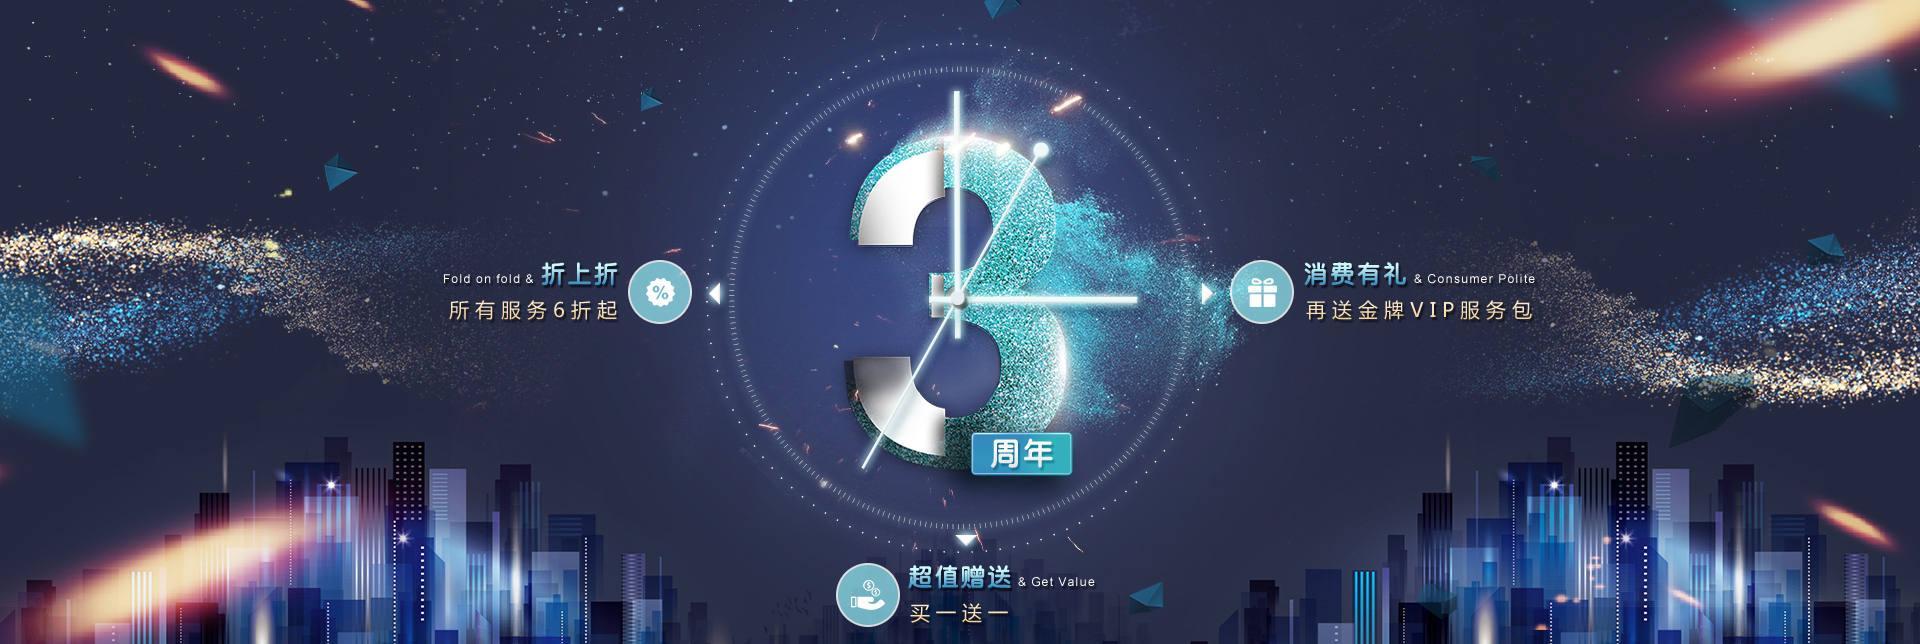 2016年准度科技公司3周年庆